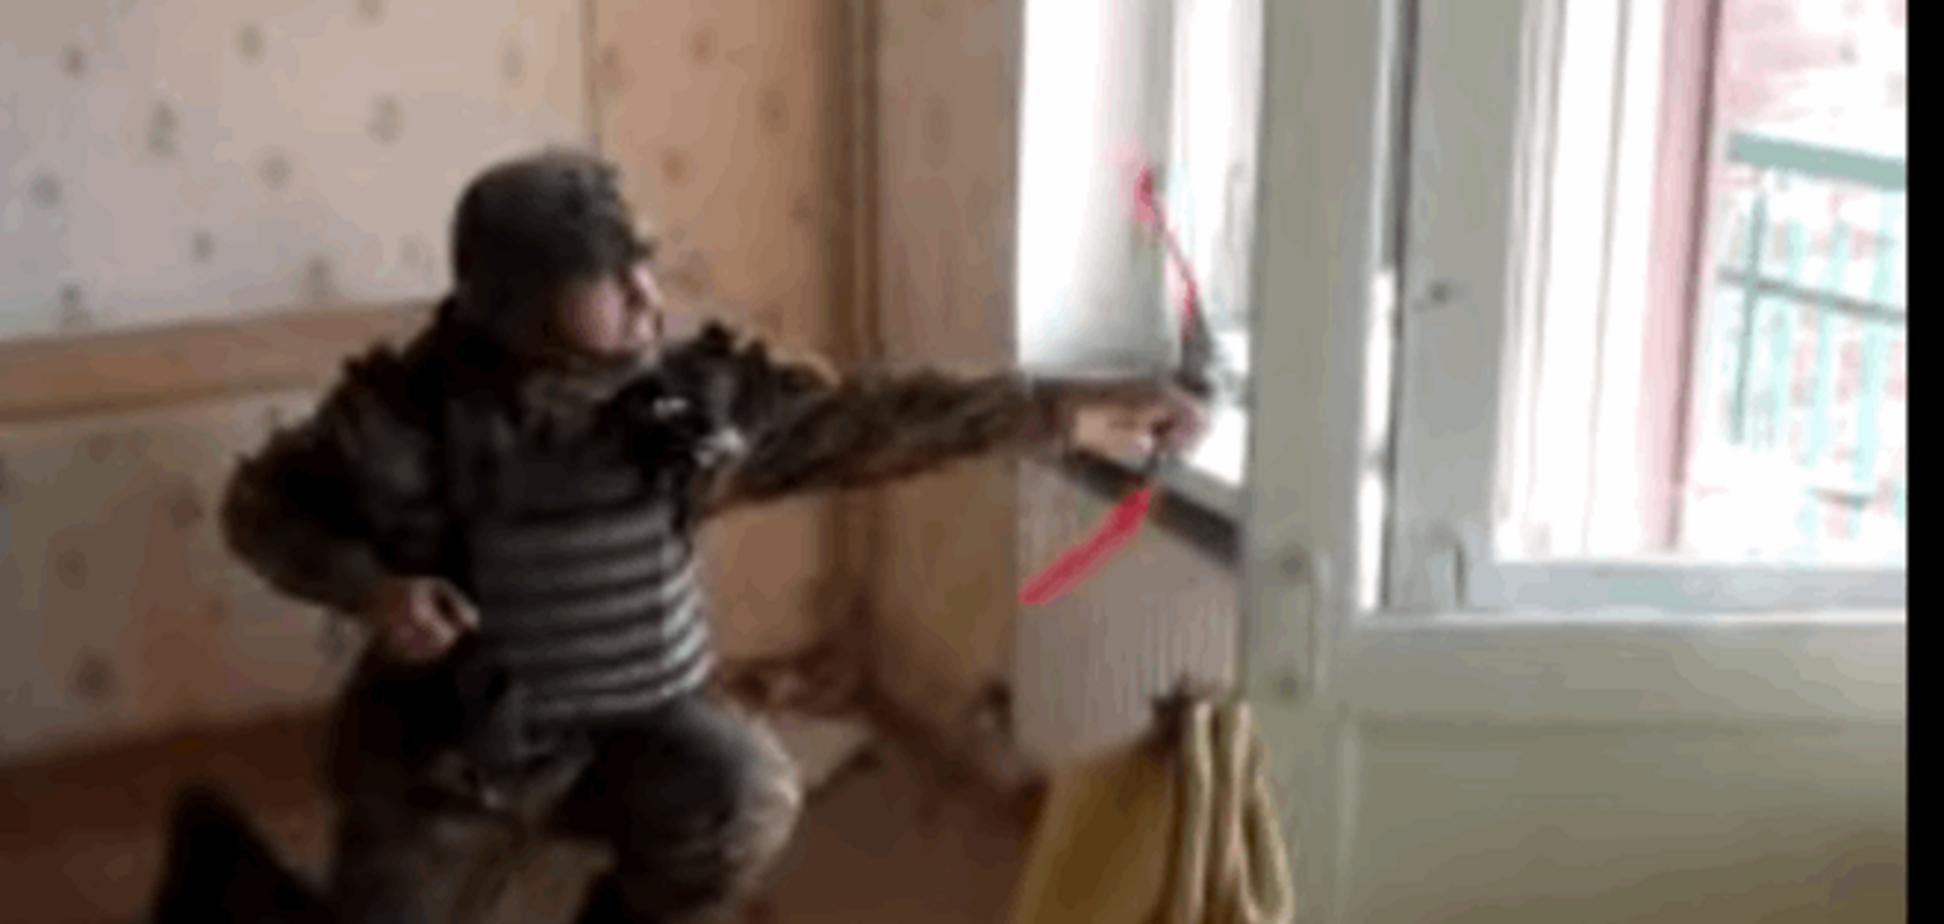 'Киборги'-юмористы: как боец стрелял у террористов из лука. Видеофакт